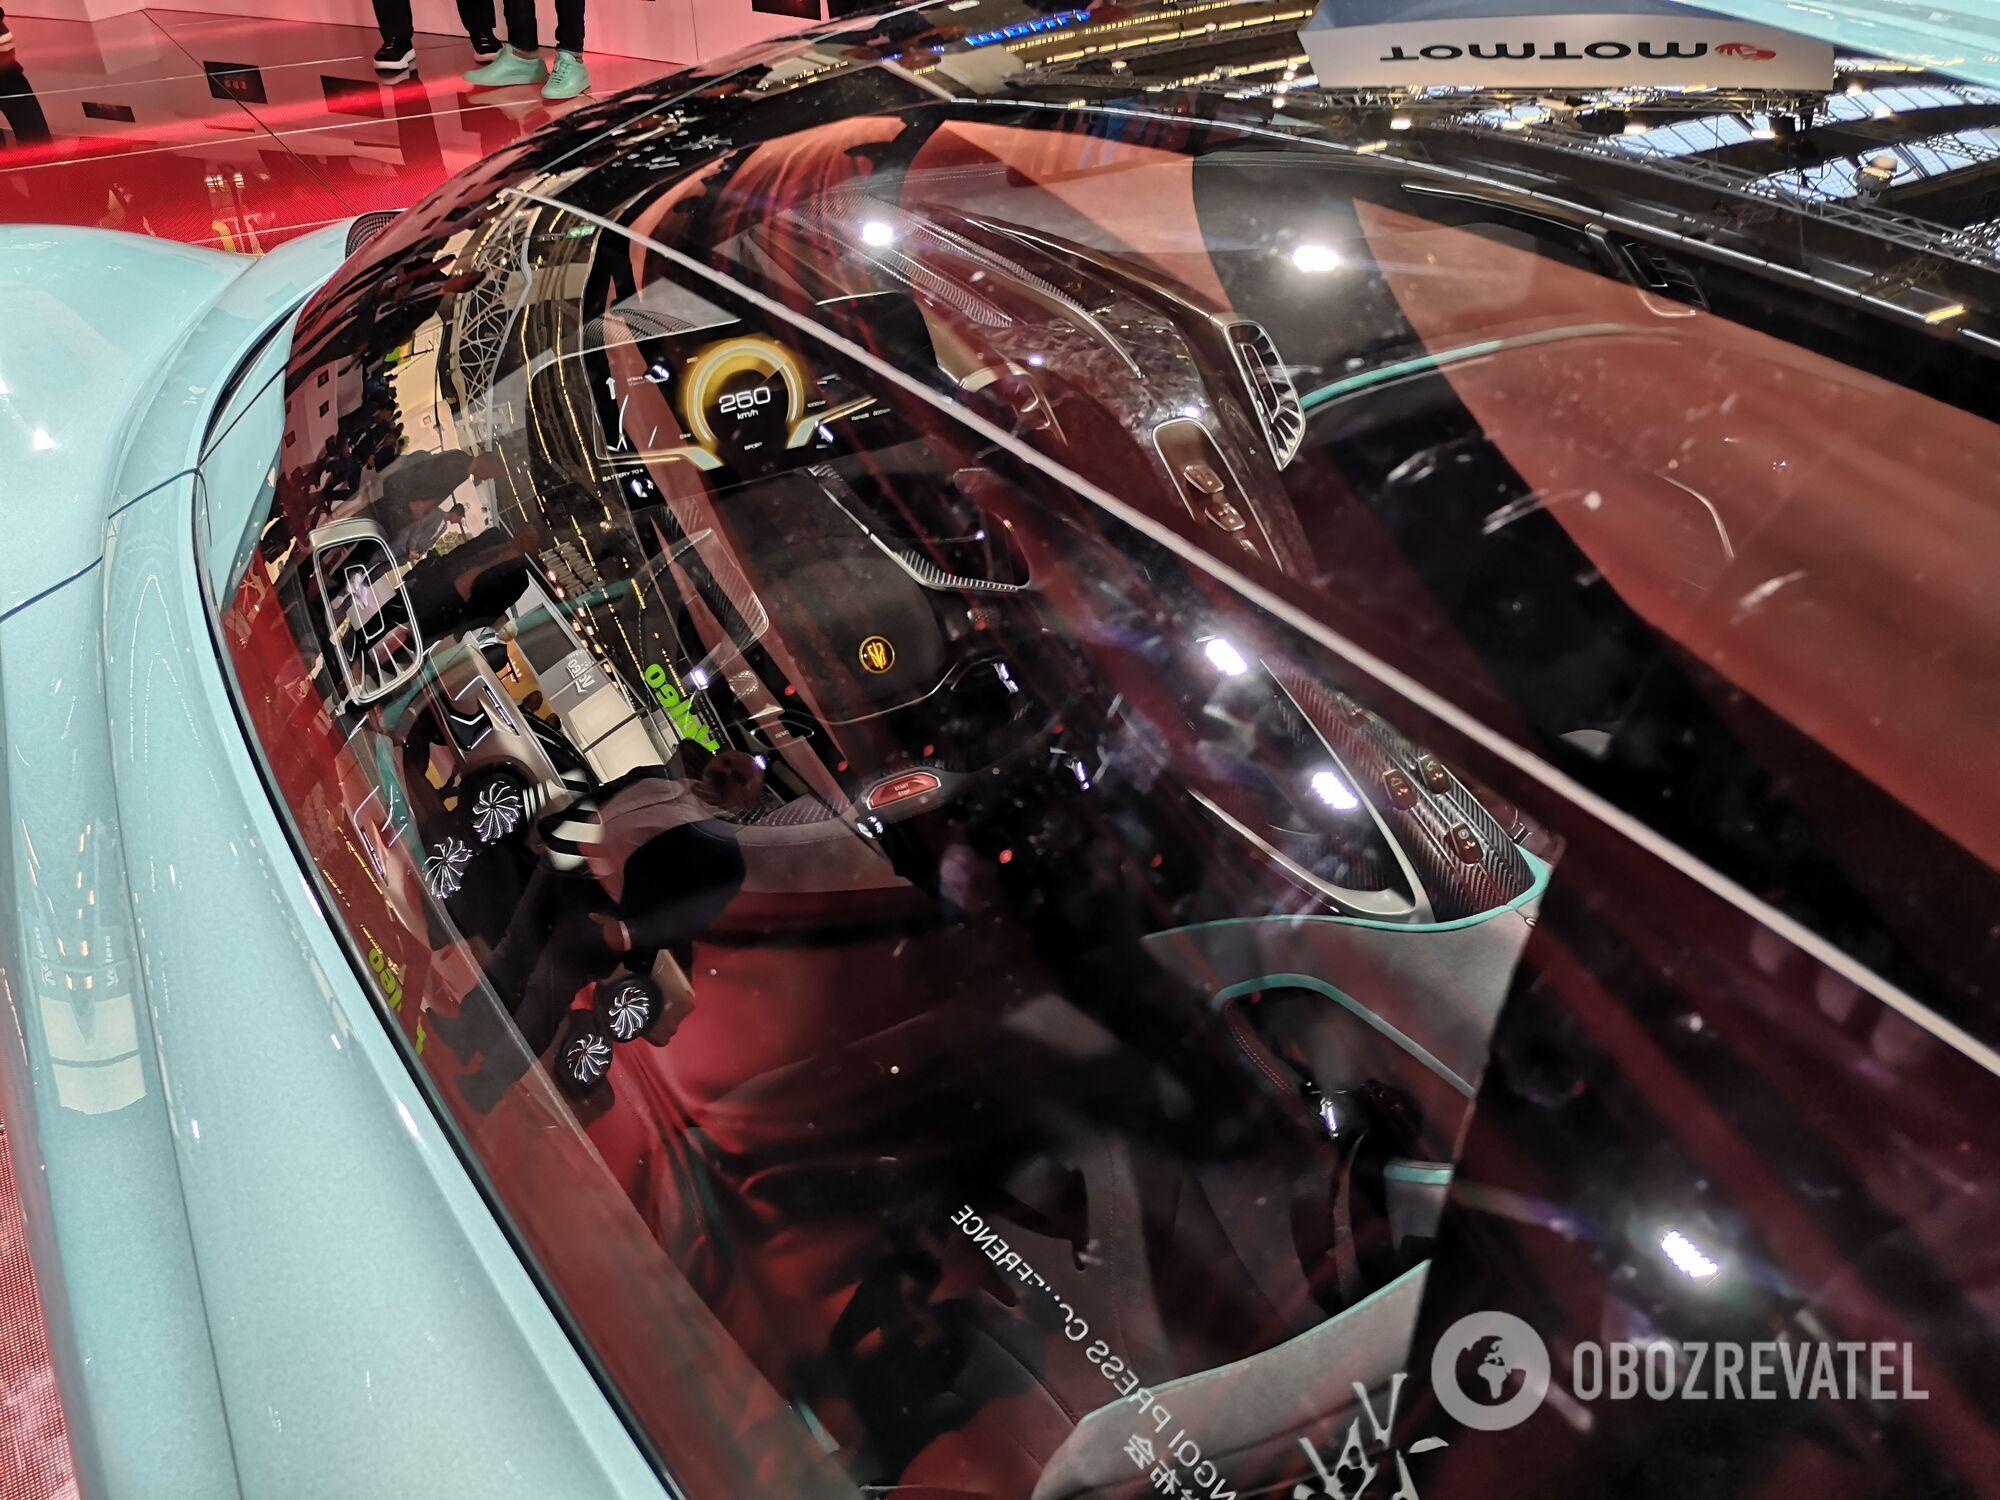 Автомобіль отримав кузов з композитних матеріалів і скляні панелі на даху. Фото: